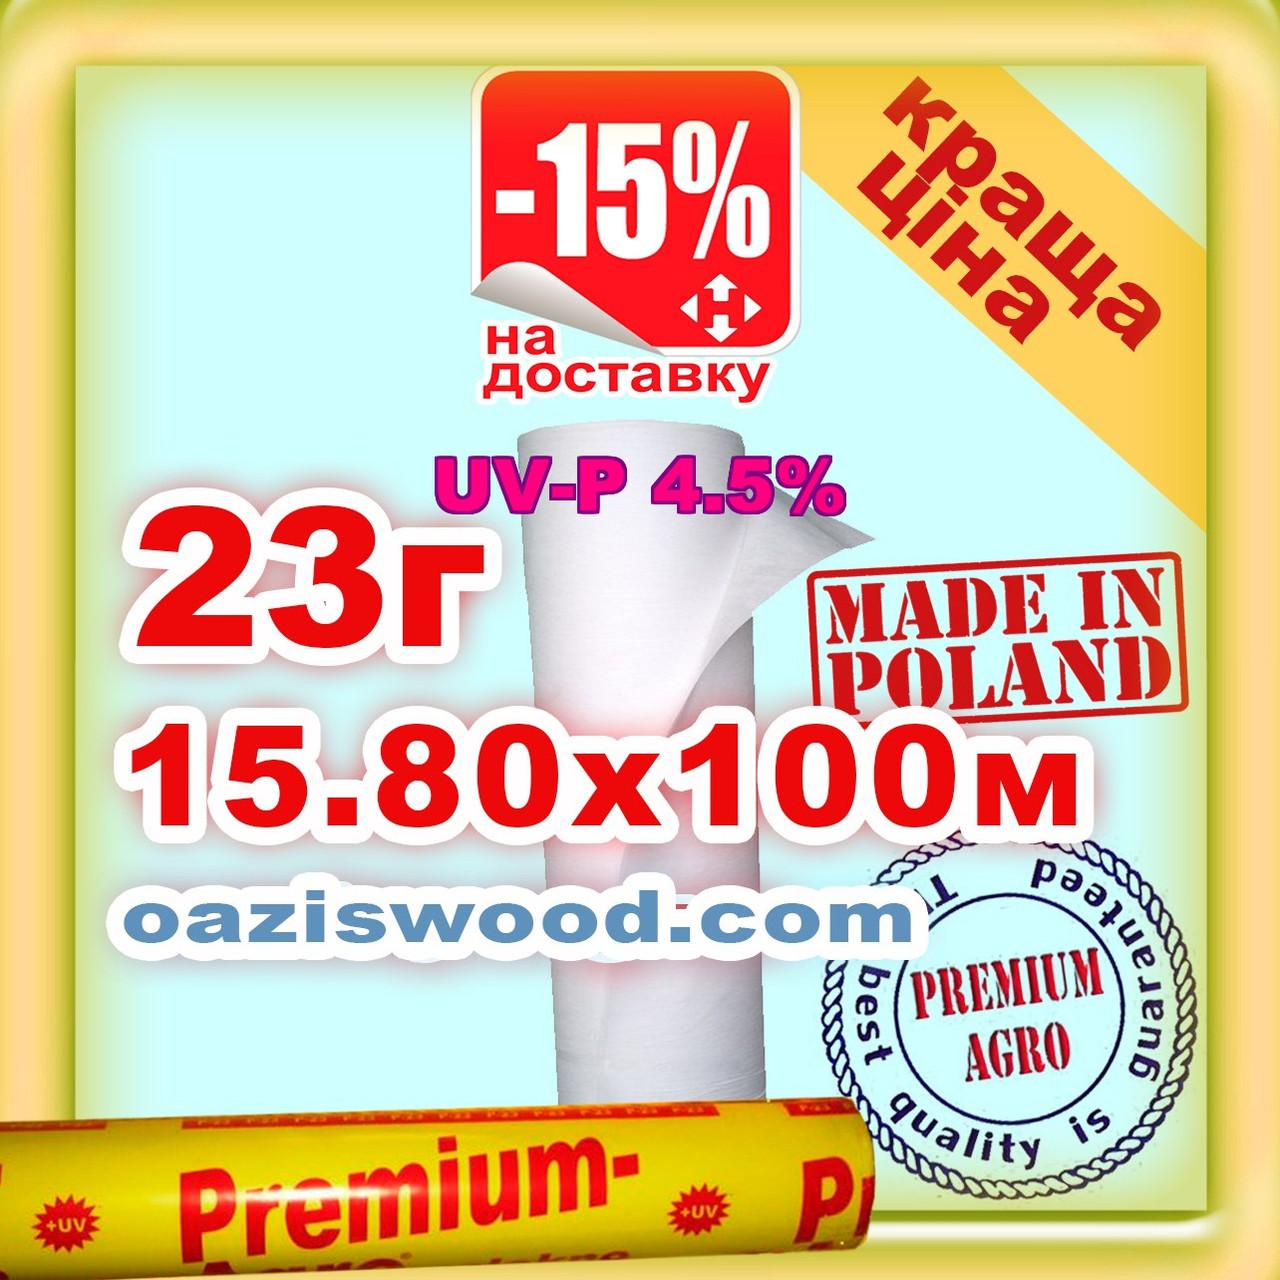 Агроволокно р-23g 15,8*100м белое UV-P 4.5% Premium-Agro Польша